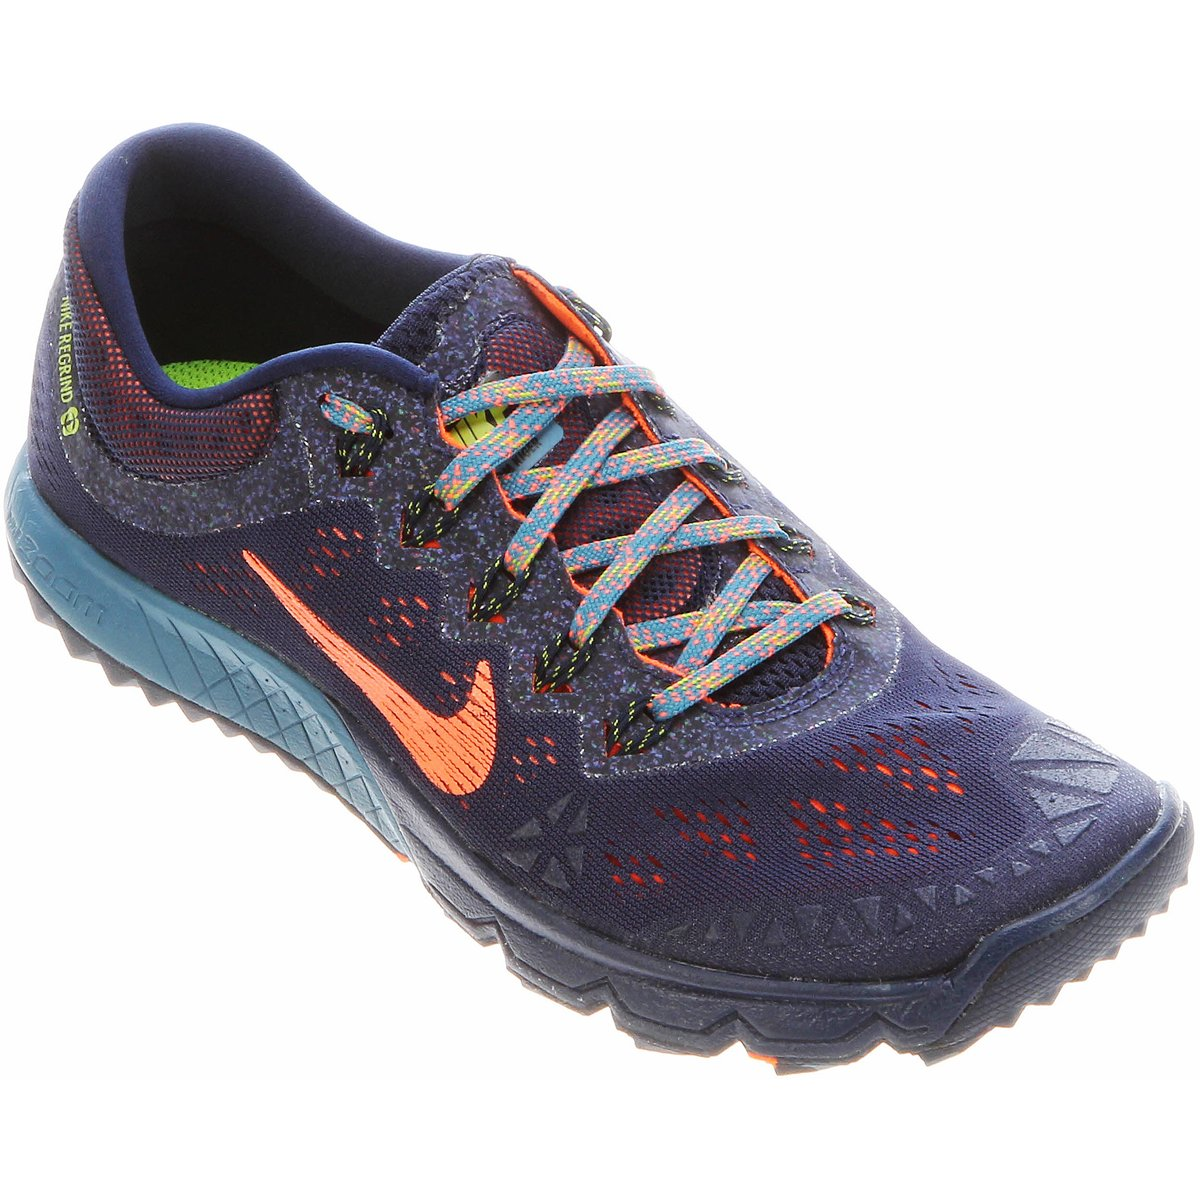 b5ad5bf413e7d Tênis Nike Zoom Terra Kiger 2 - Compre Agora